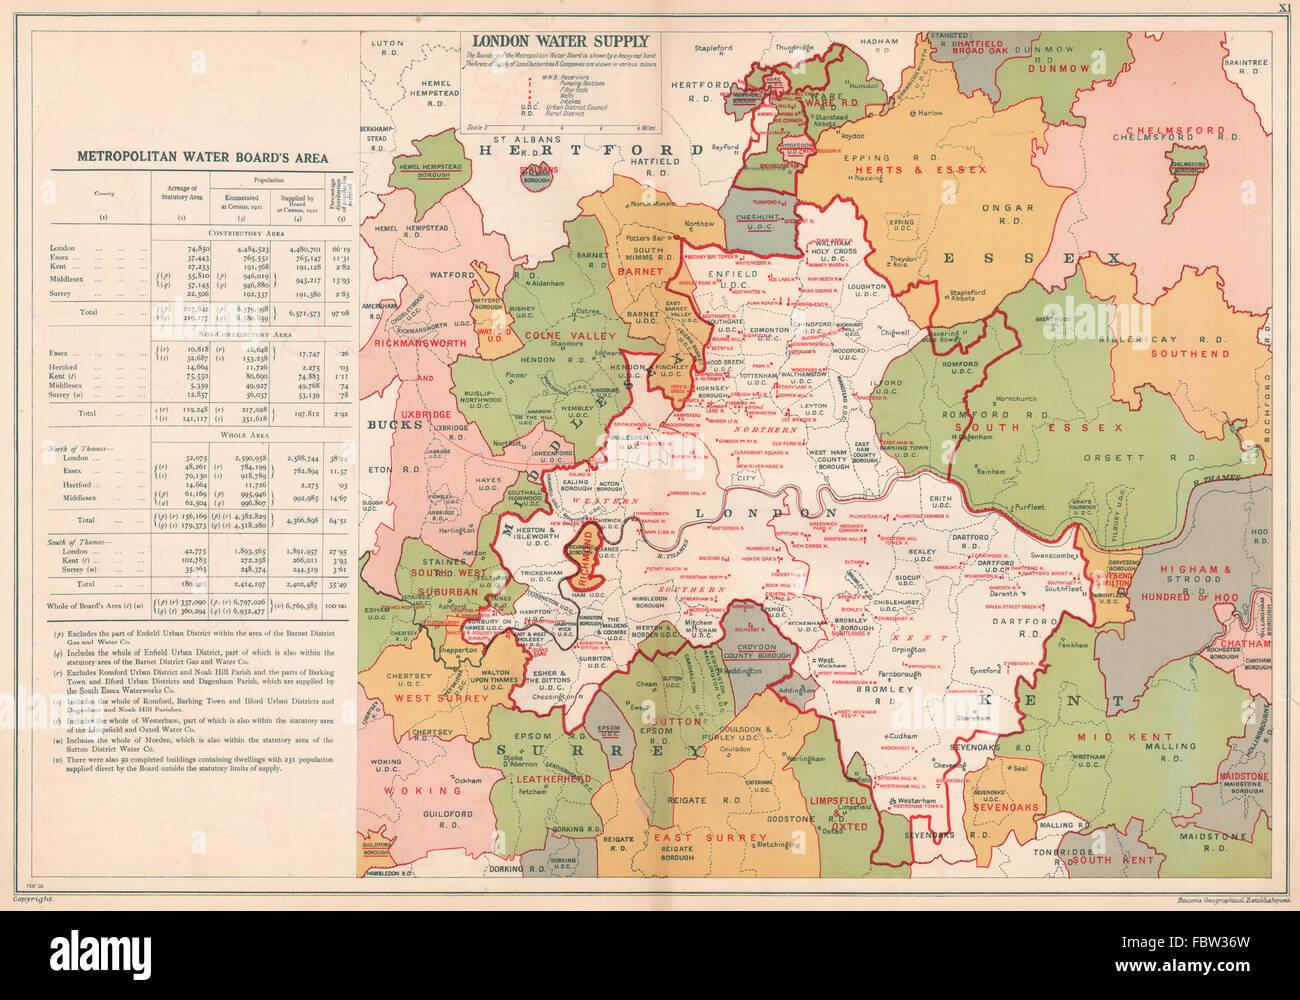 Londres l'APPROVISIONNEMENT EN EAU. Metropolitan Water Board. Pompage réservoirs Stns, 1927 map Photo Stock